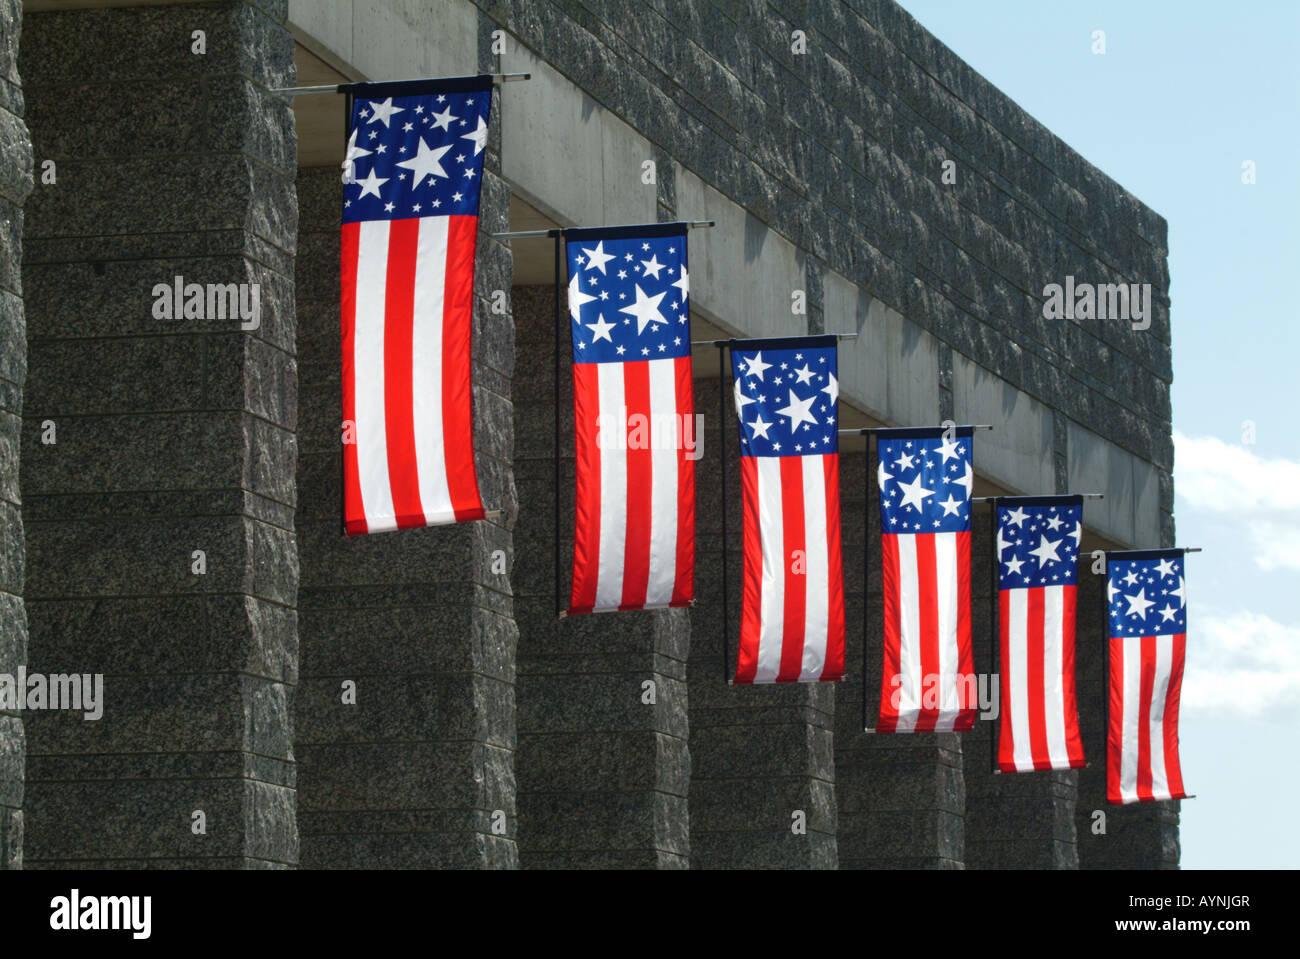 flags at mount rushmore national memorial - Stock Image